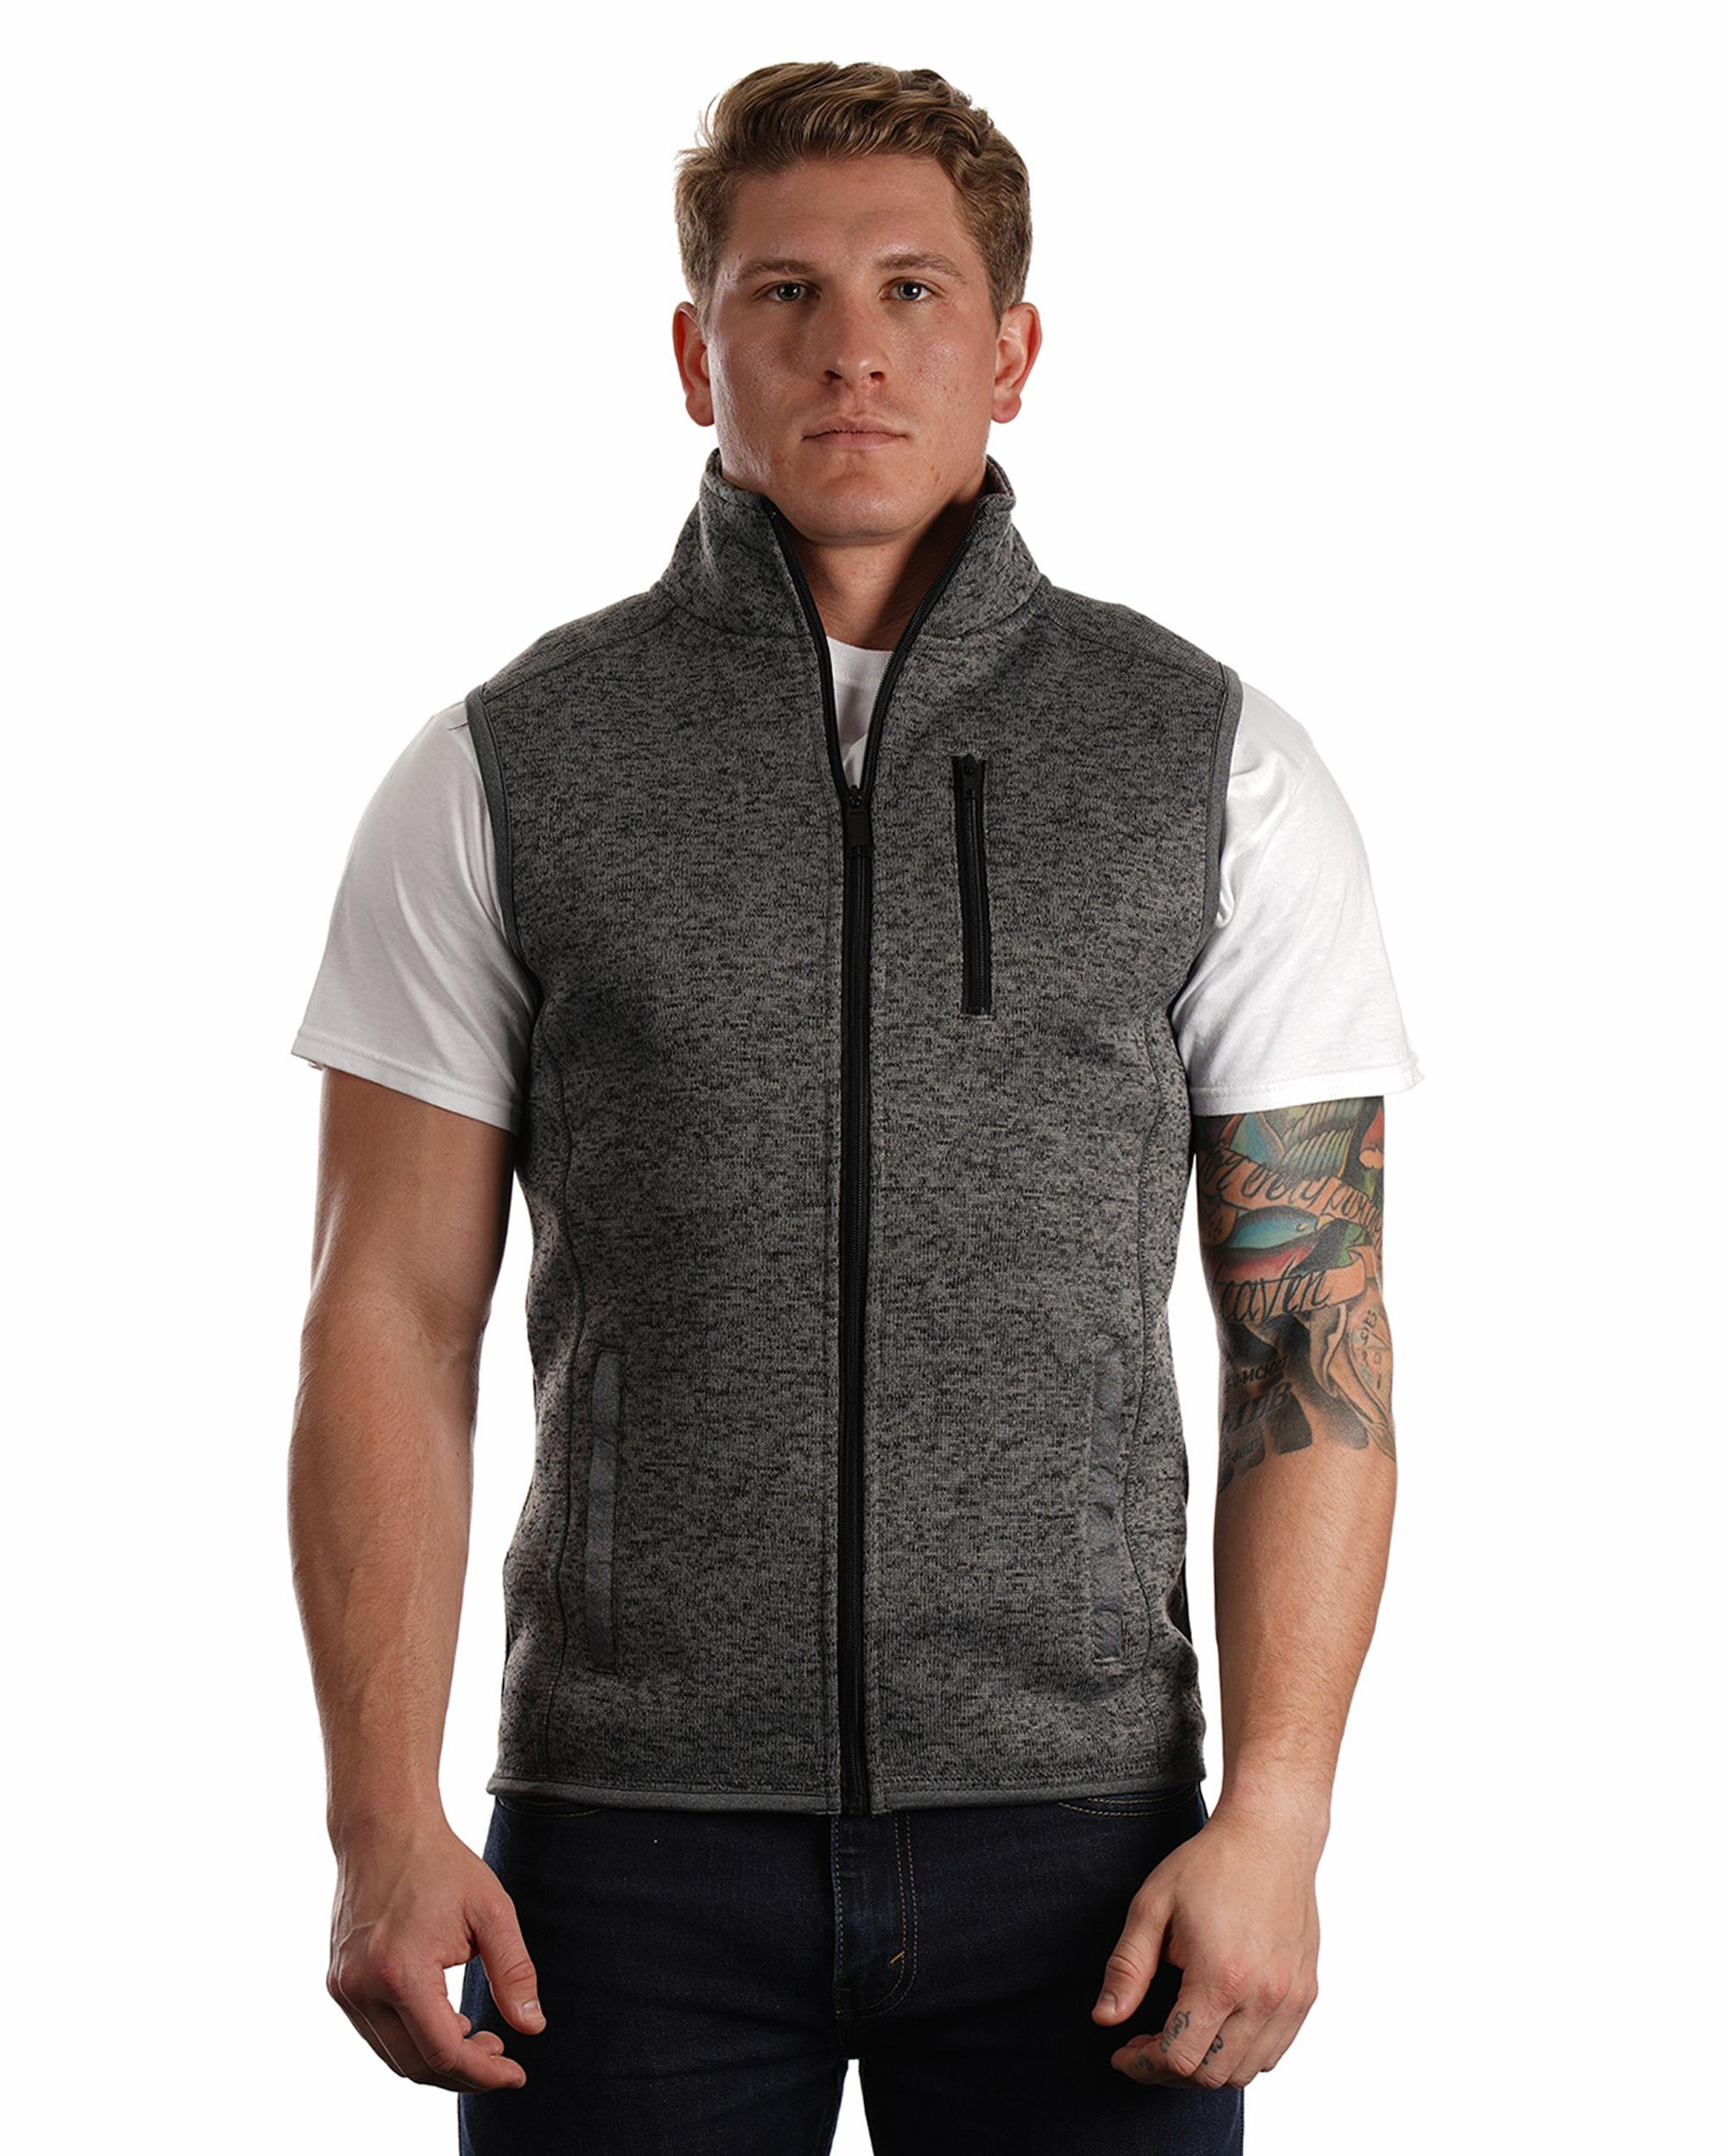 Burnside® 3910 - Sweater Fleece Vest